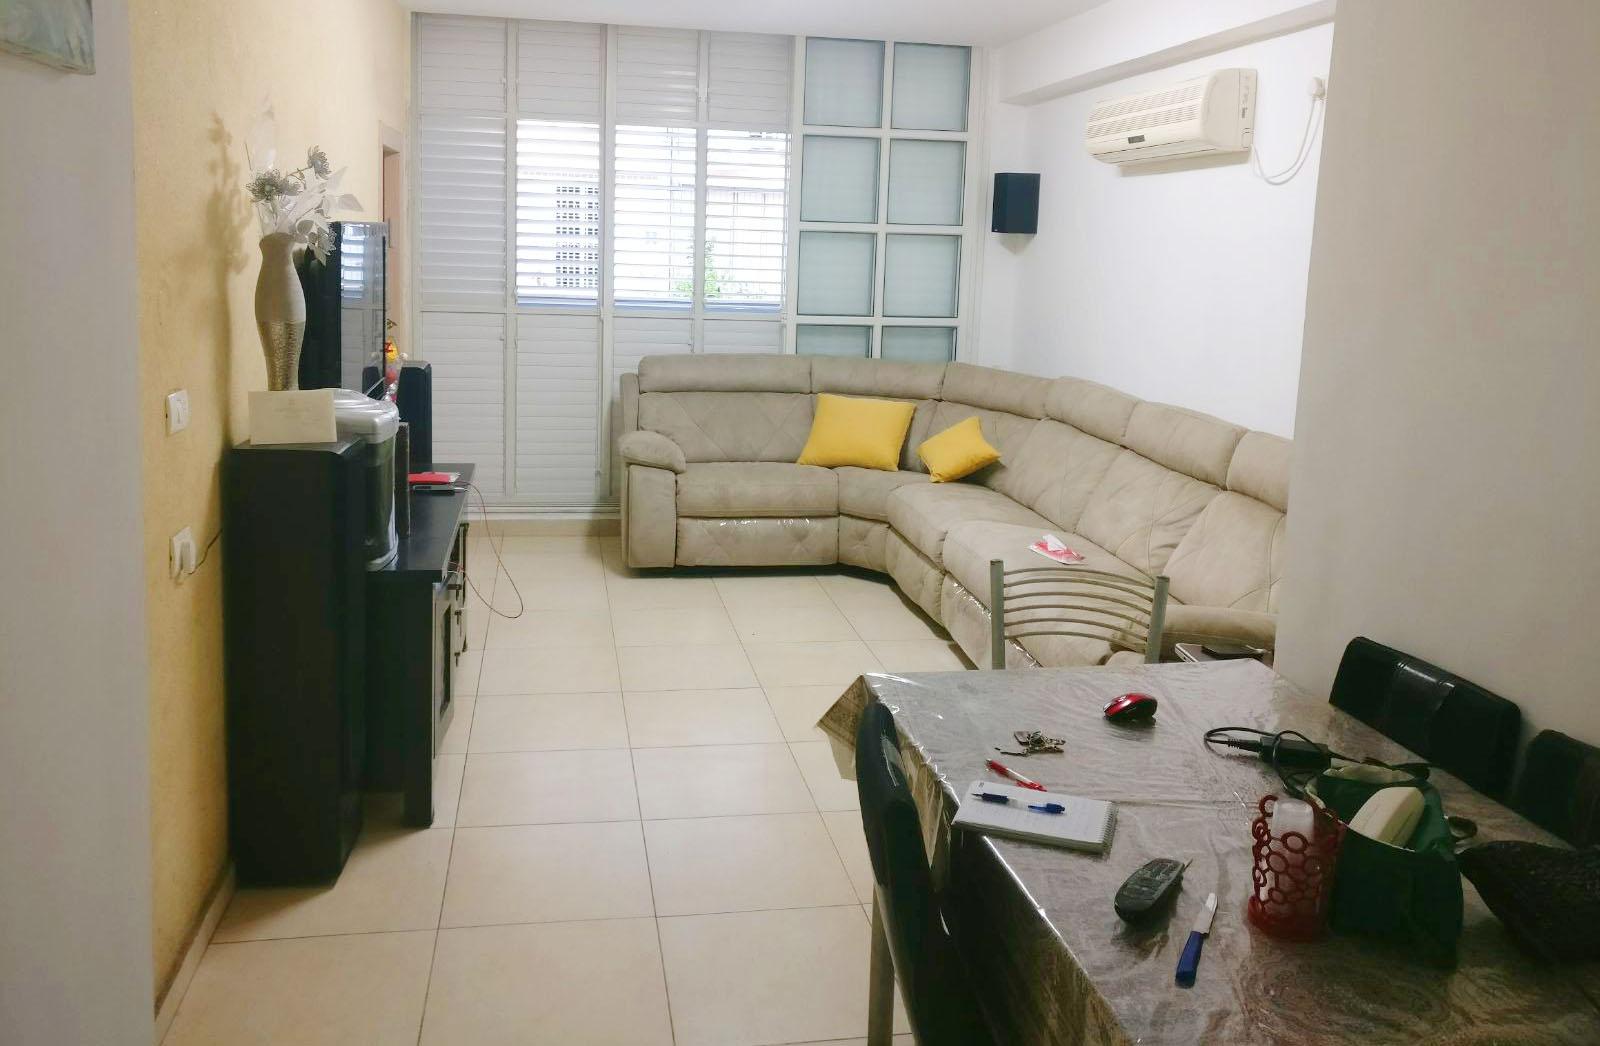 דירה למכירה 3.5 חדרים 1,800,000₪, בת ים